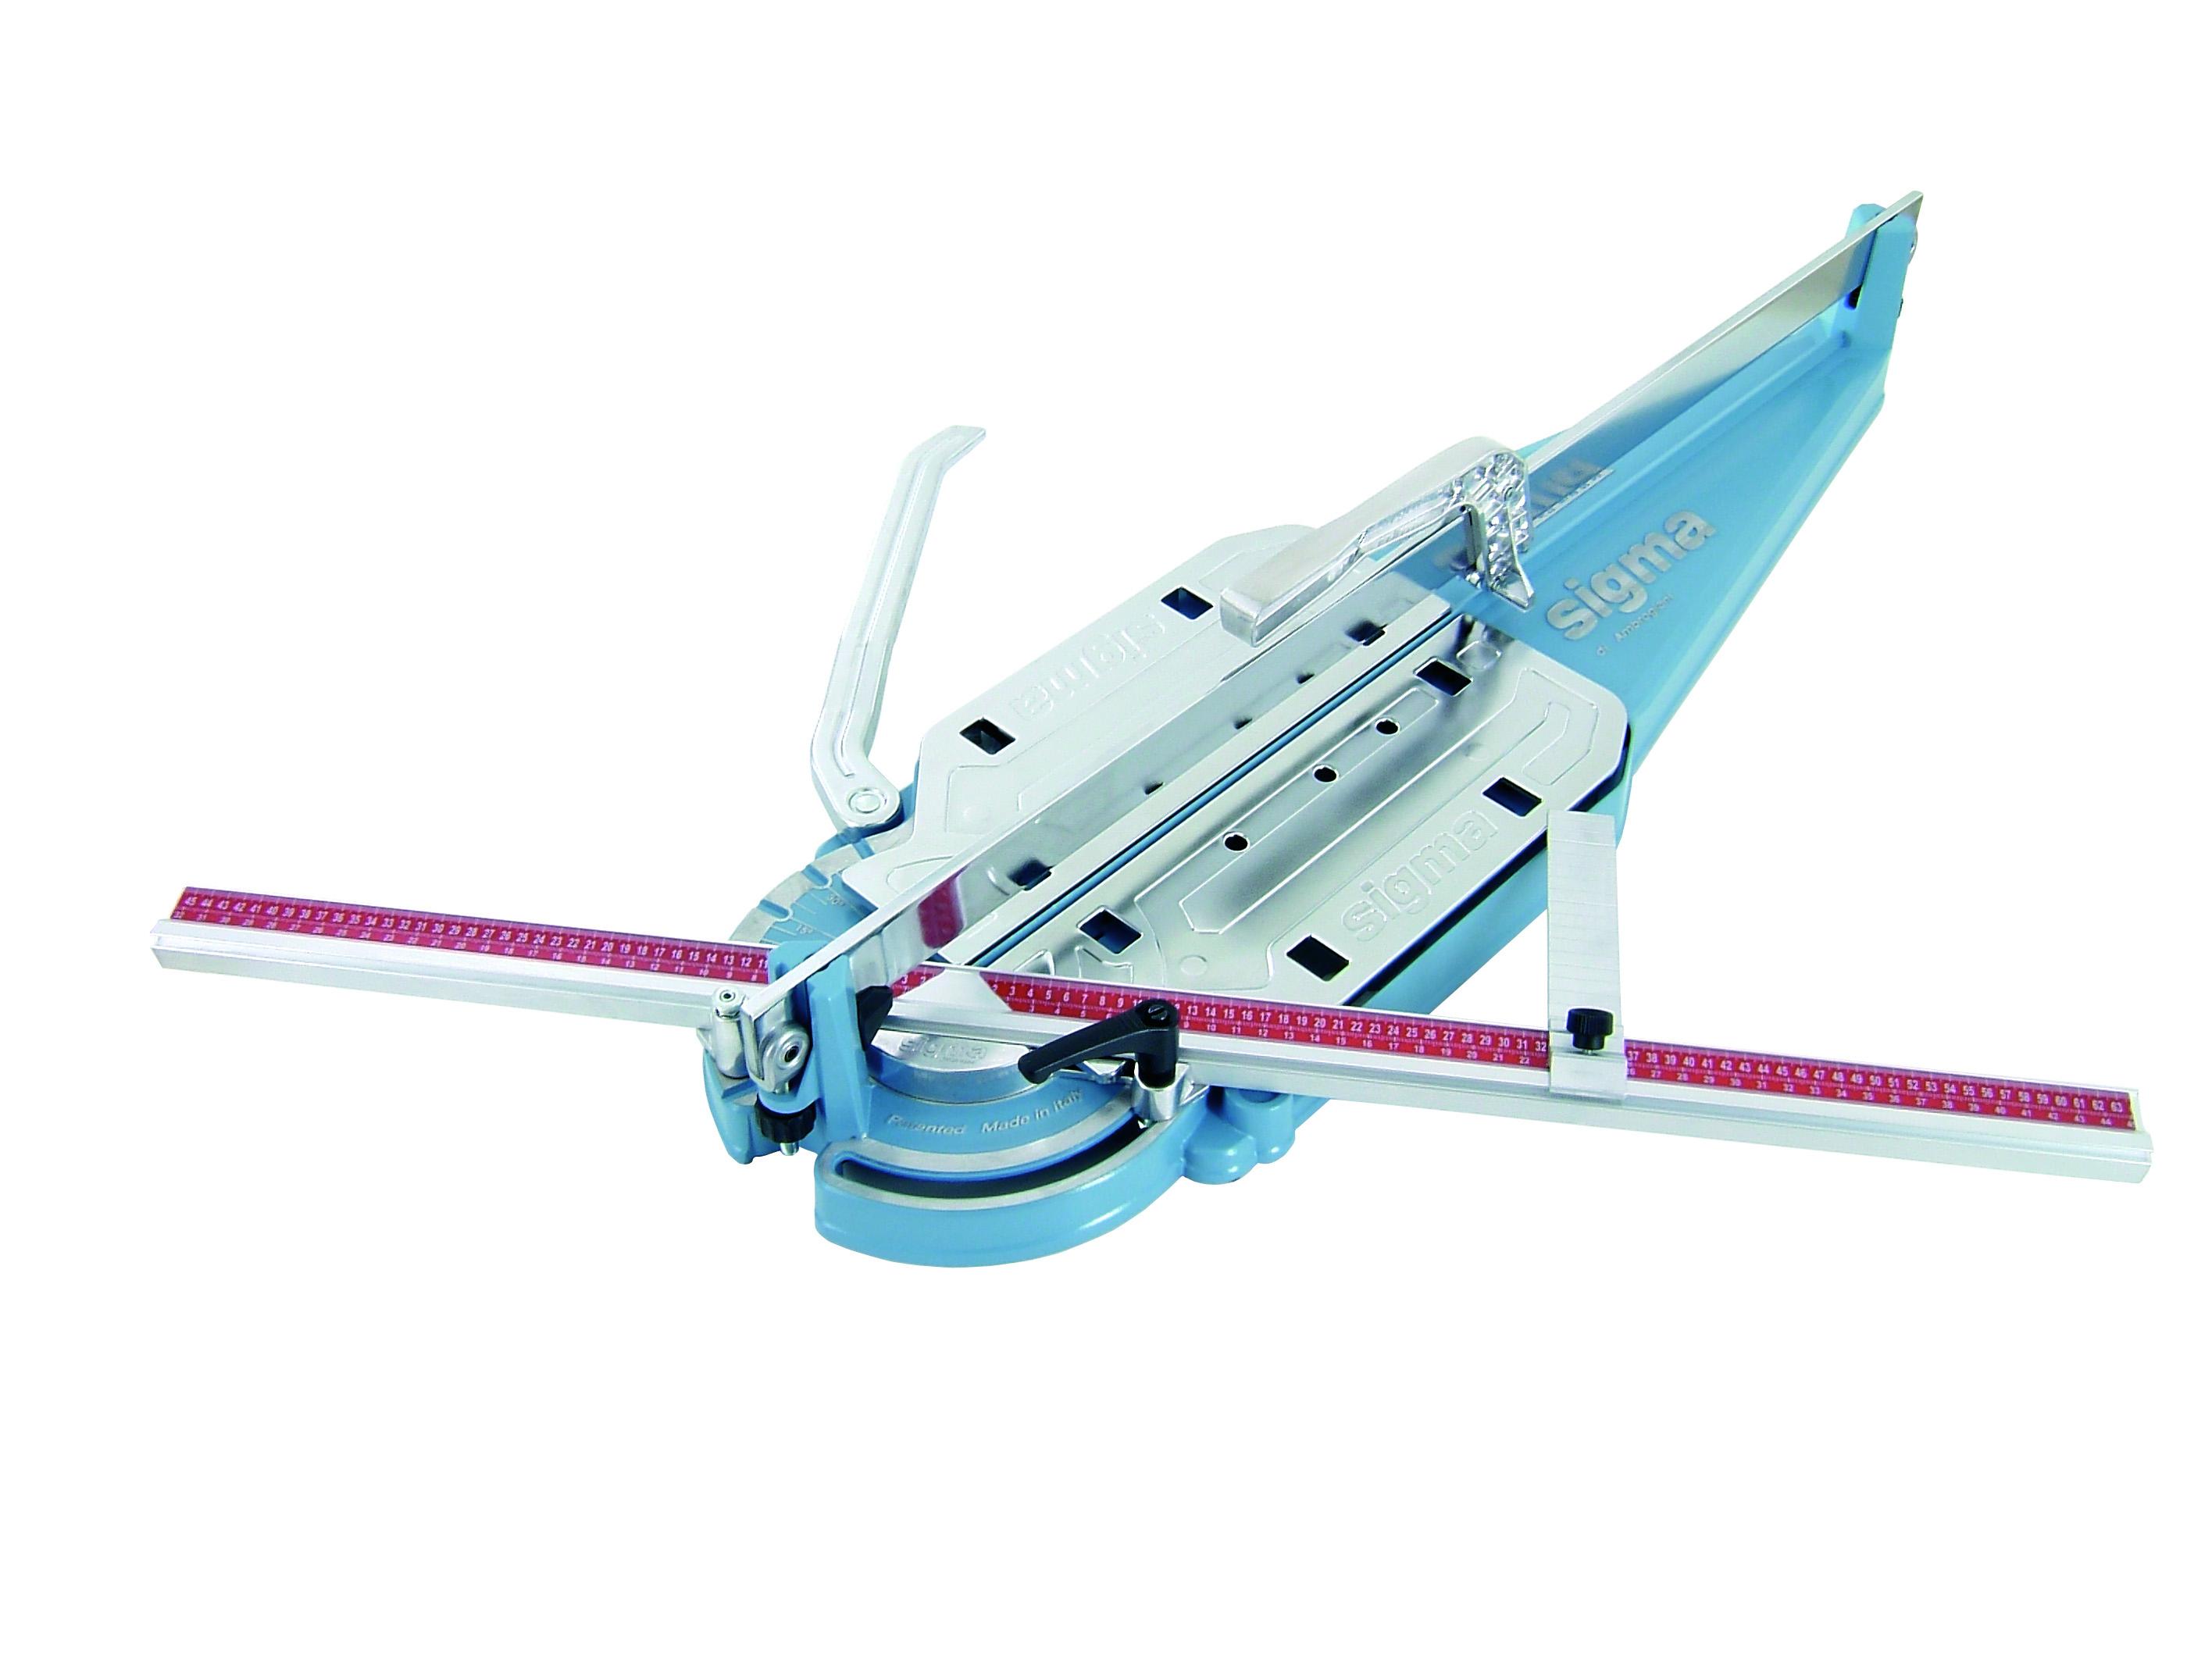 Tagliapiastrelle sigma 3d2 da cm 95 - Sigma attrezzature per piastrellisti ...